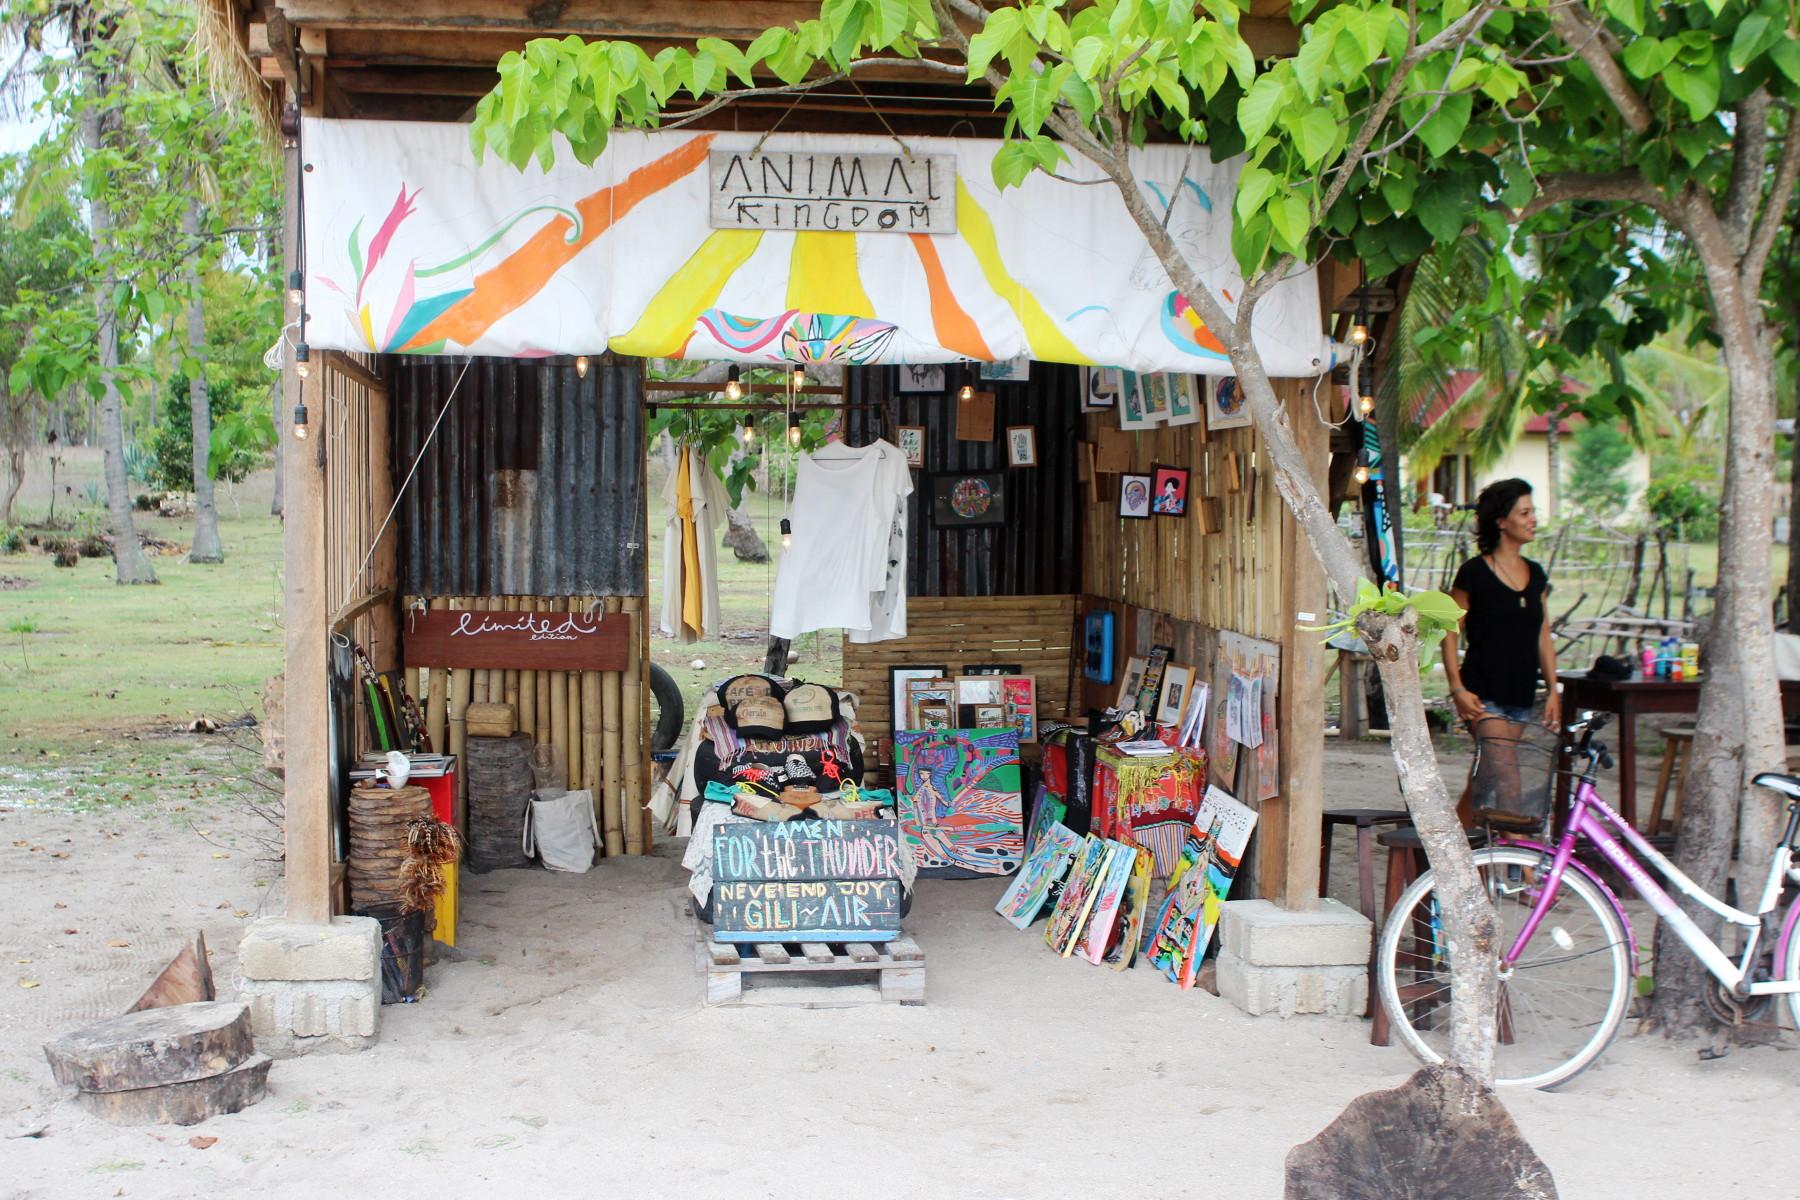 Artist shop